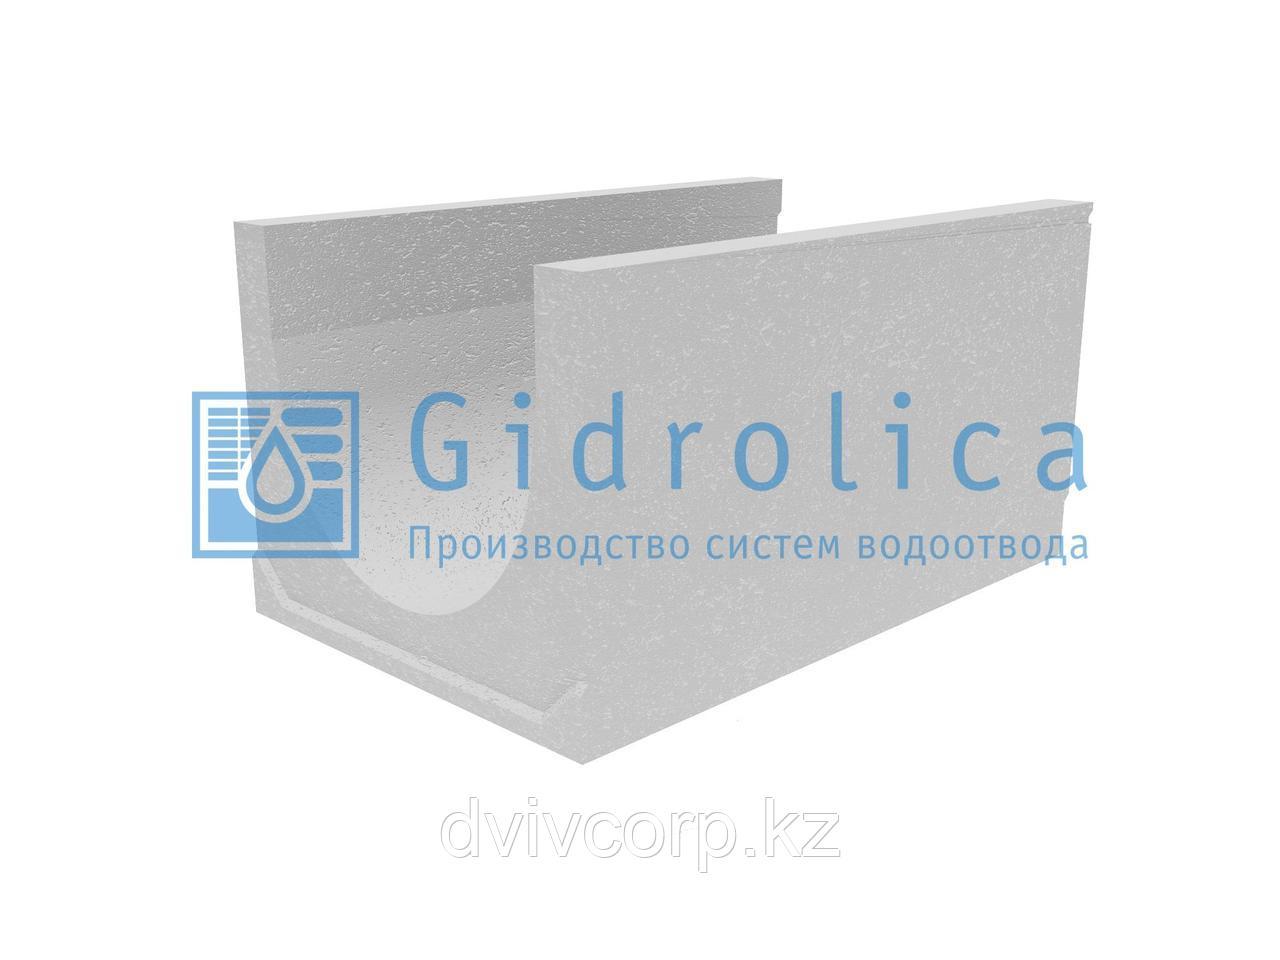 Лоток водоотводный бетонный коробчатый (СО-500мм), с уклоном 0,5%  КUу 100.65(50).53(44) - BGU-XL, № 16